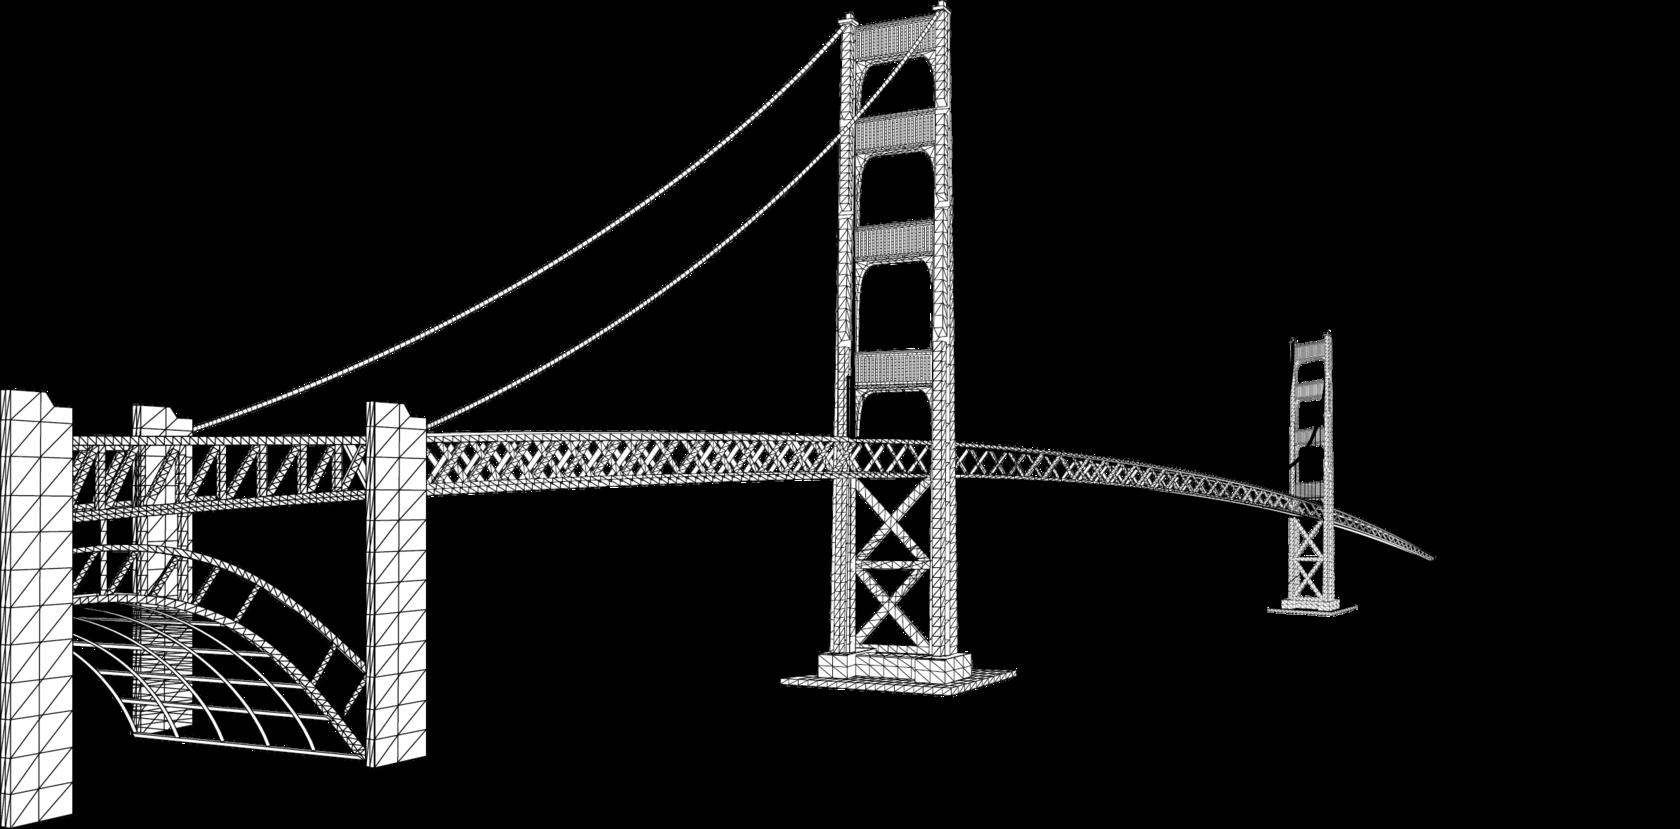 Bouw een brug